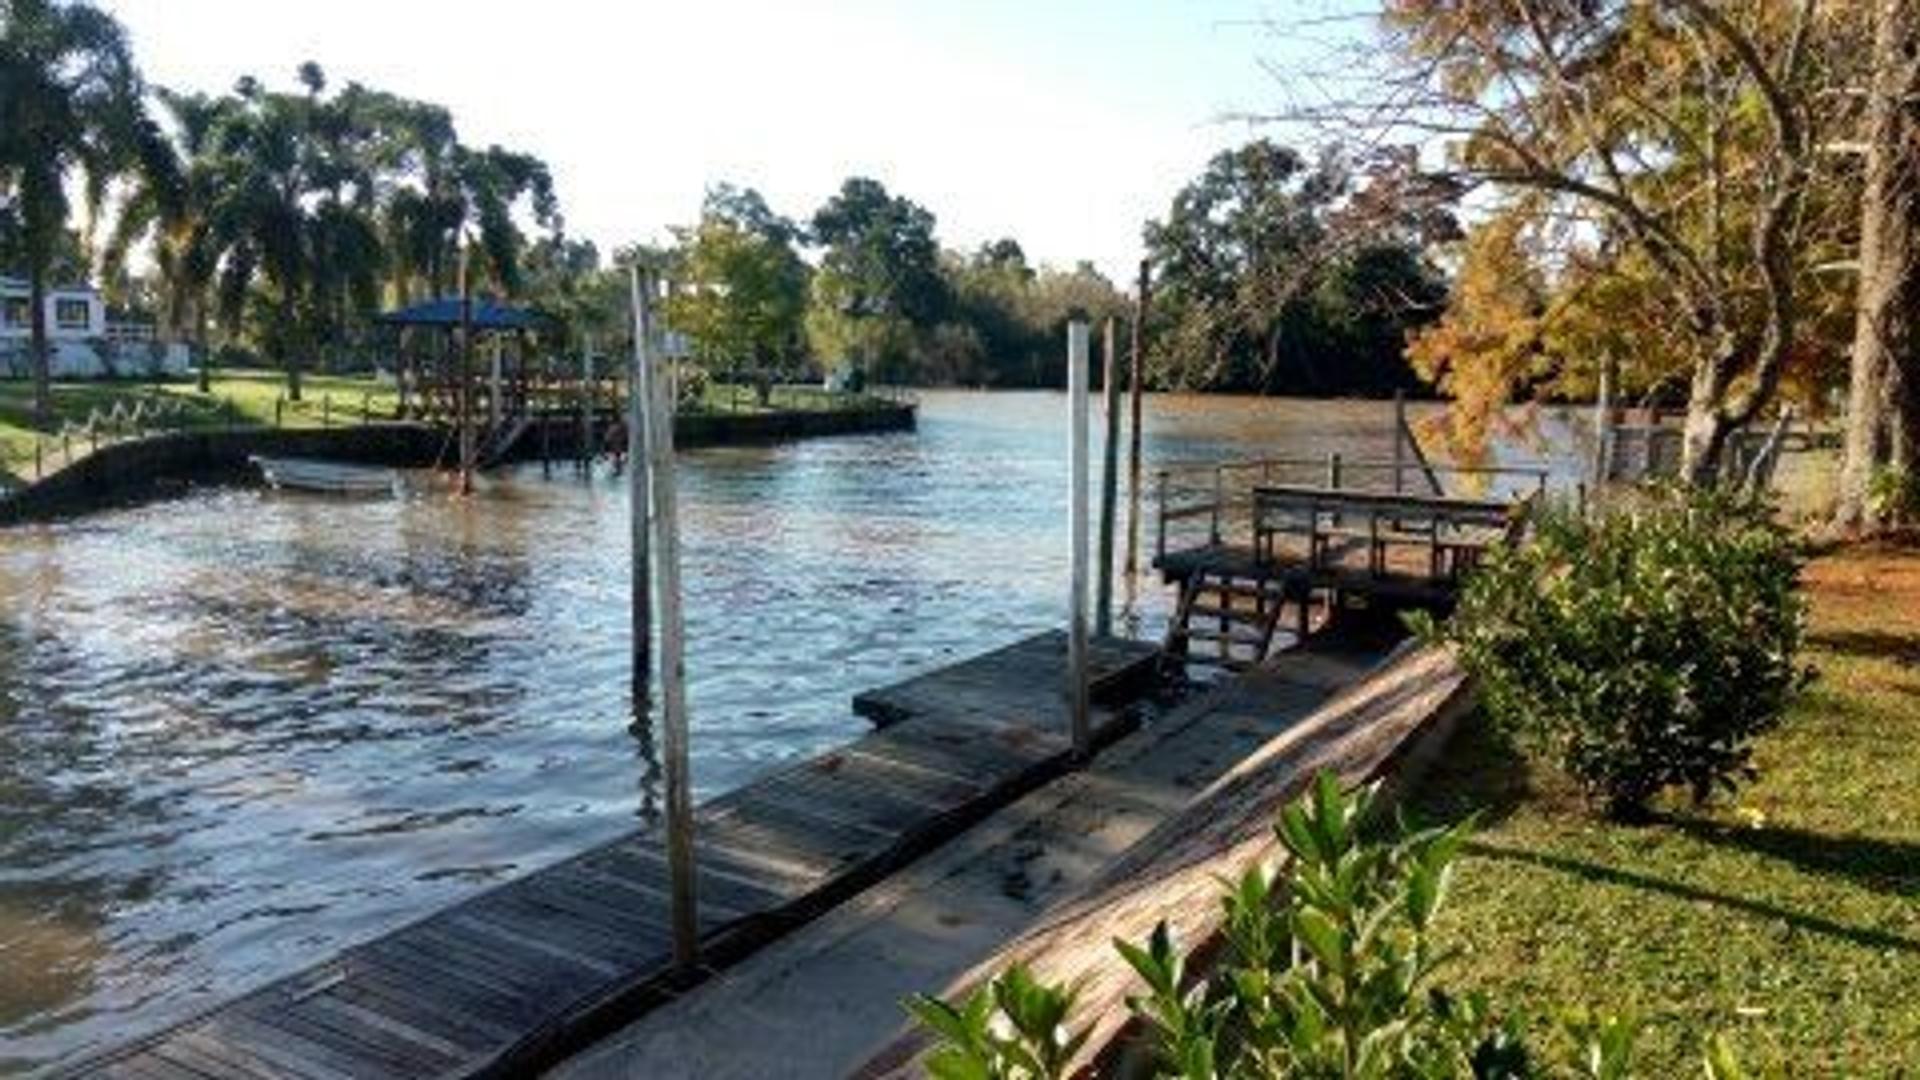 casa-venta-tigre-barrio cerrado boat center--4dormis-suite-vista al rio lujan-amarra propia-GBA